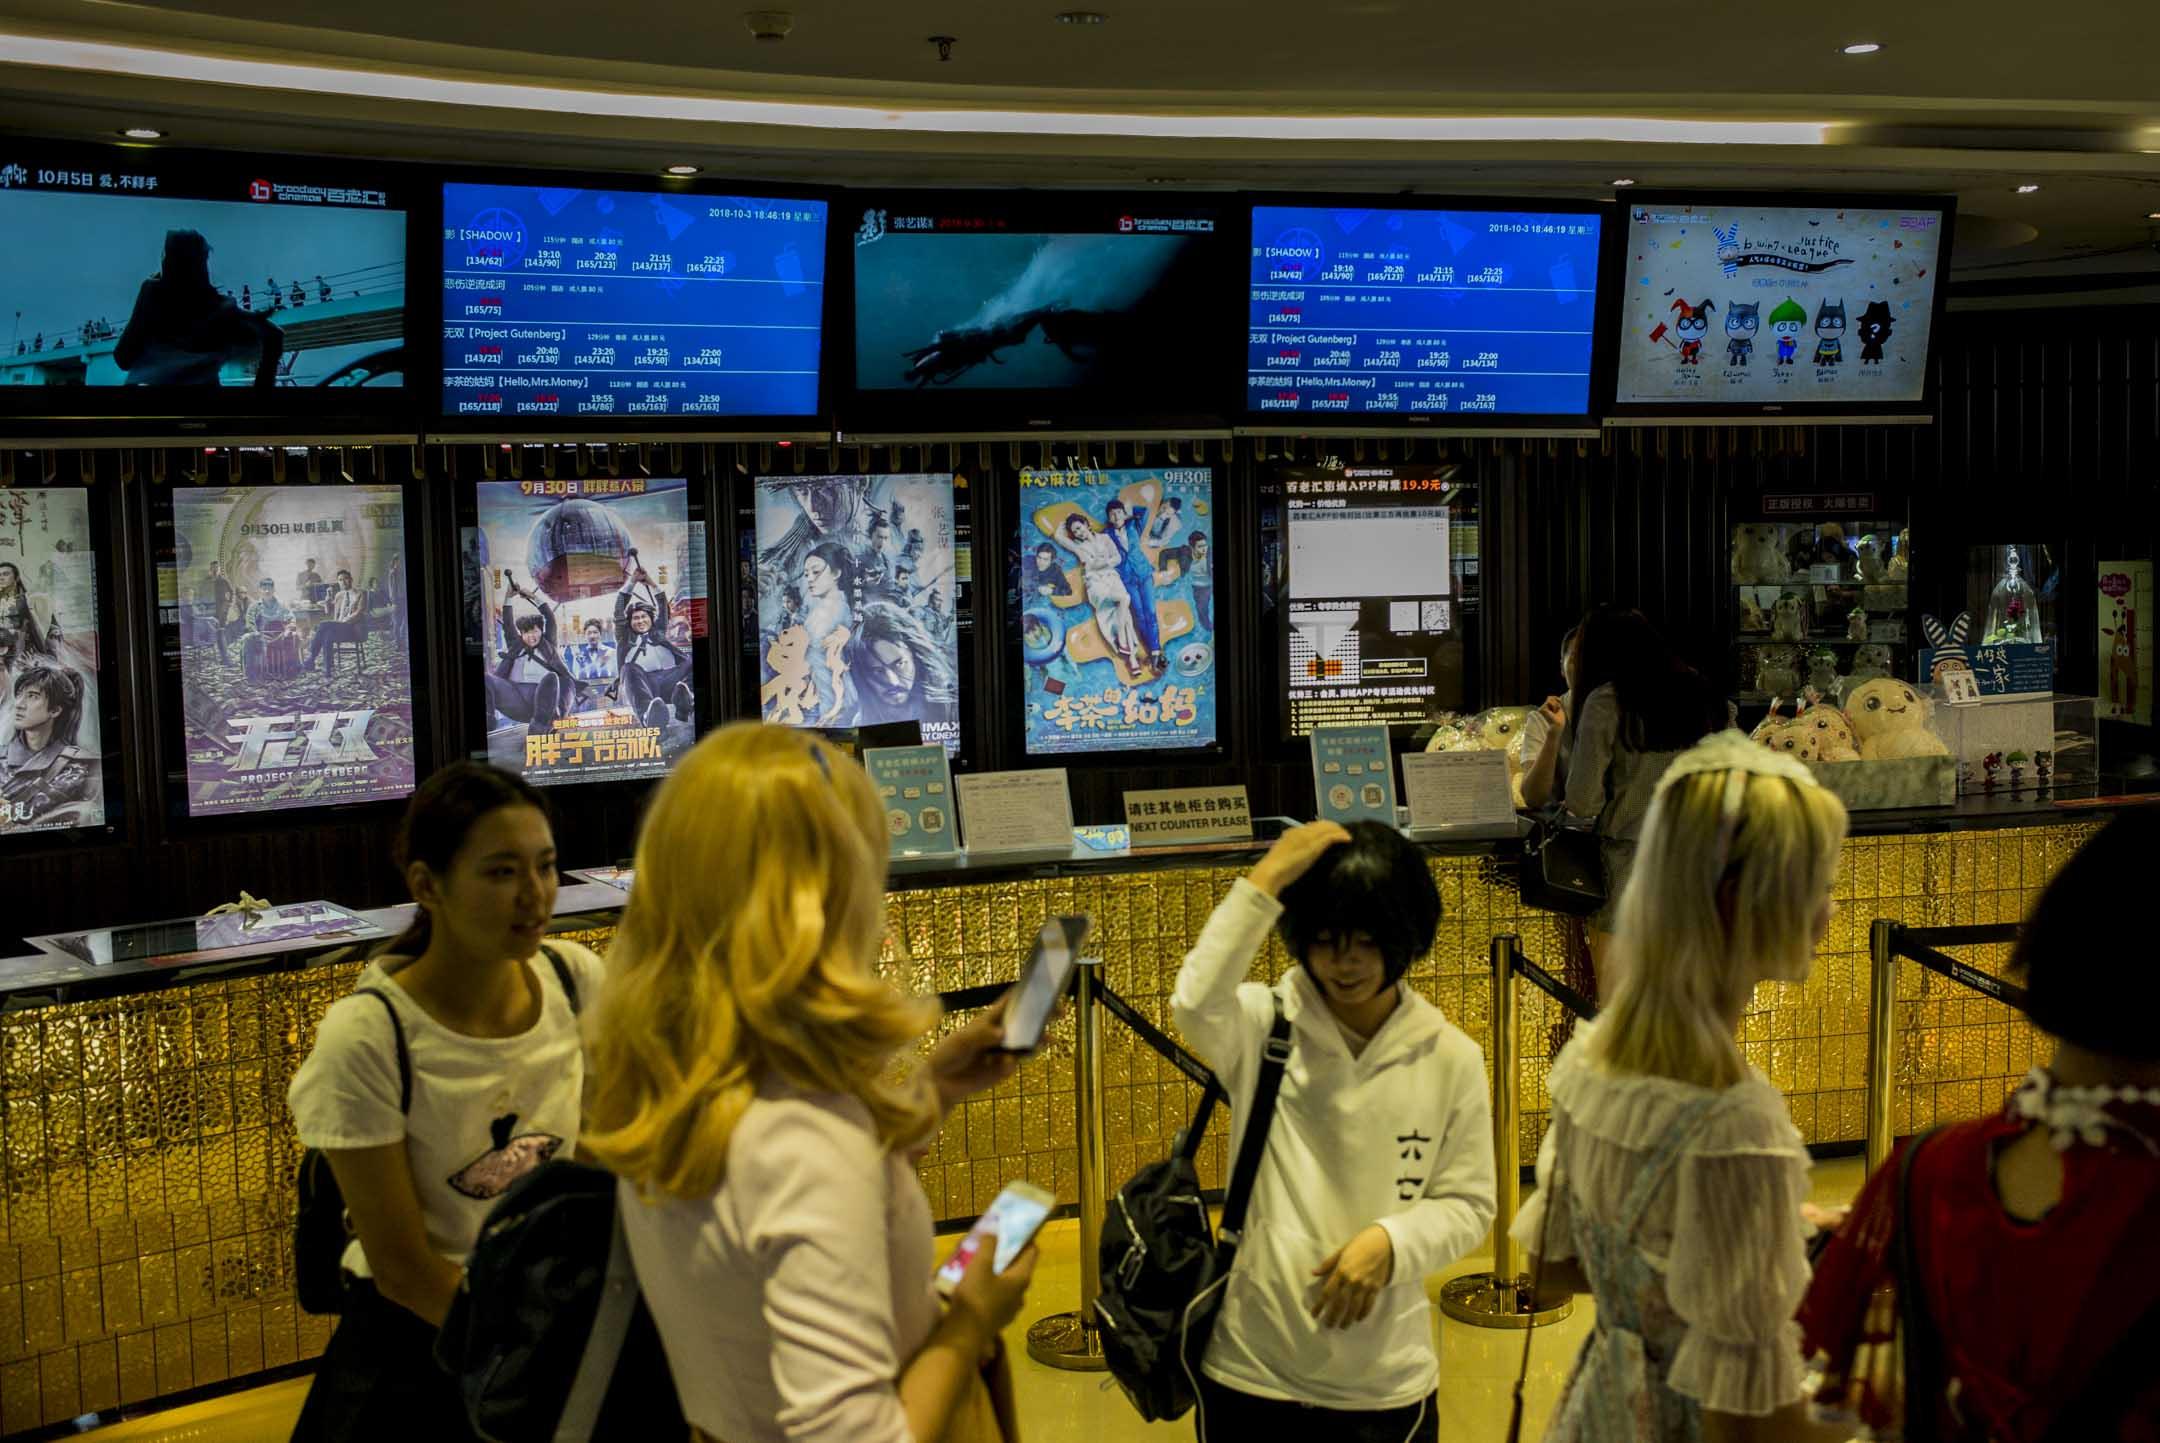 內地電影票補新政將在今年10月1日起實施,這意味著內地這幾年流行的9.9元,19.9元超低票價將從此消失,電影票補時代即將結束。 攝:林振東/端傳媒